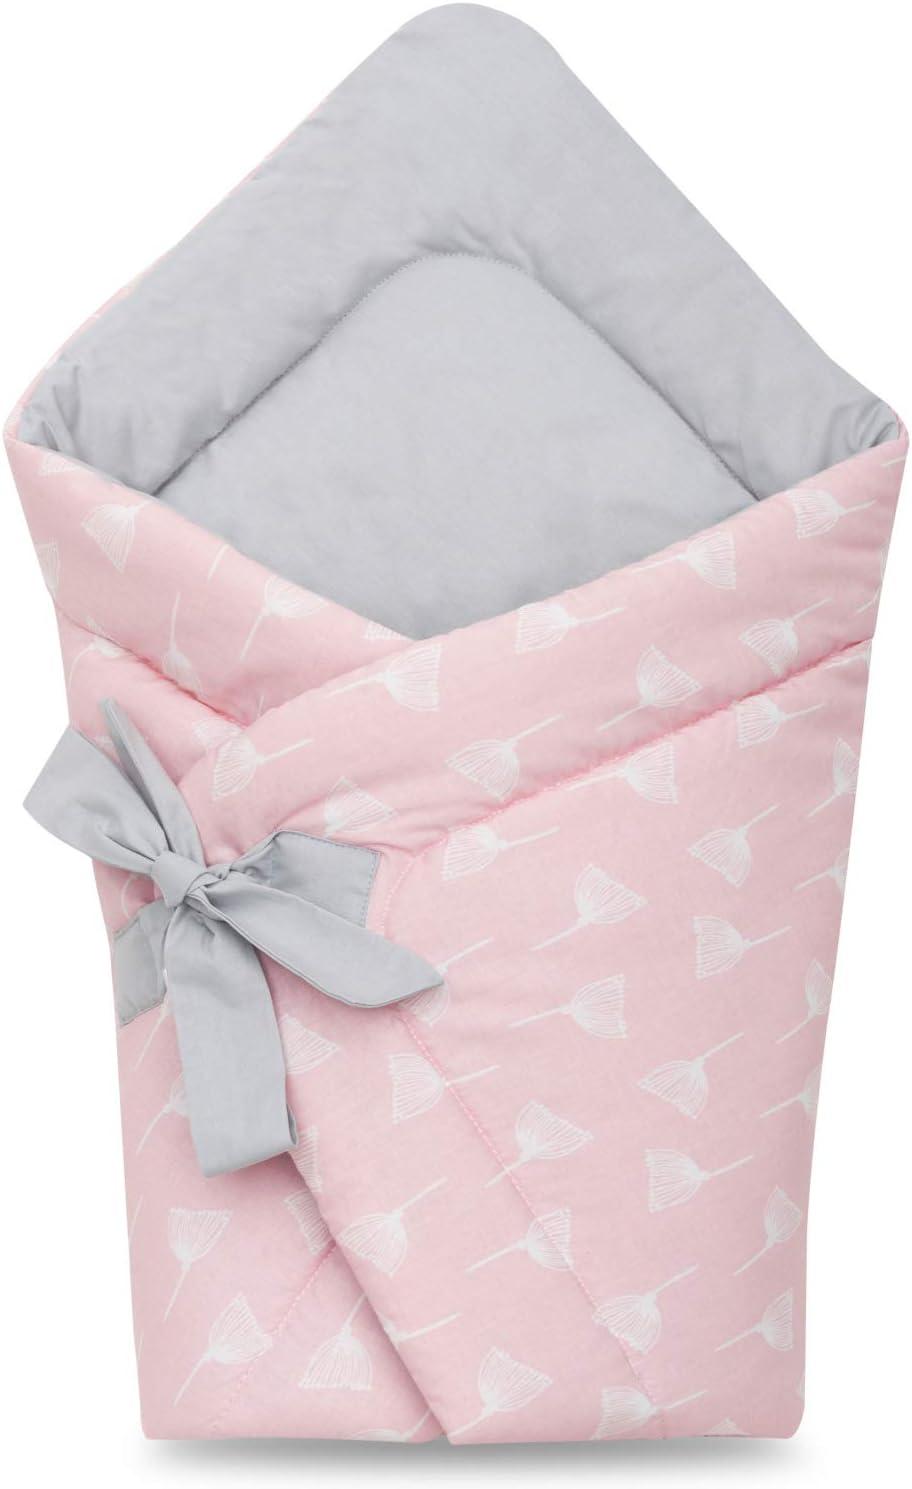 Mantita para bebés recién nacidos, hecha con algodón suave al 100 % y en forma vertical Diente de león